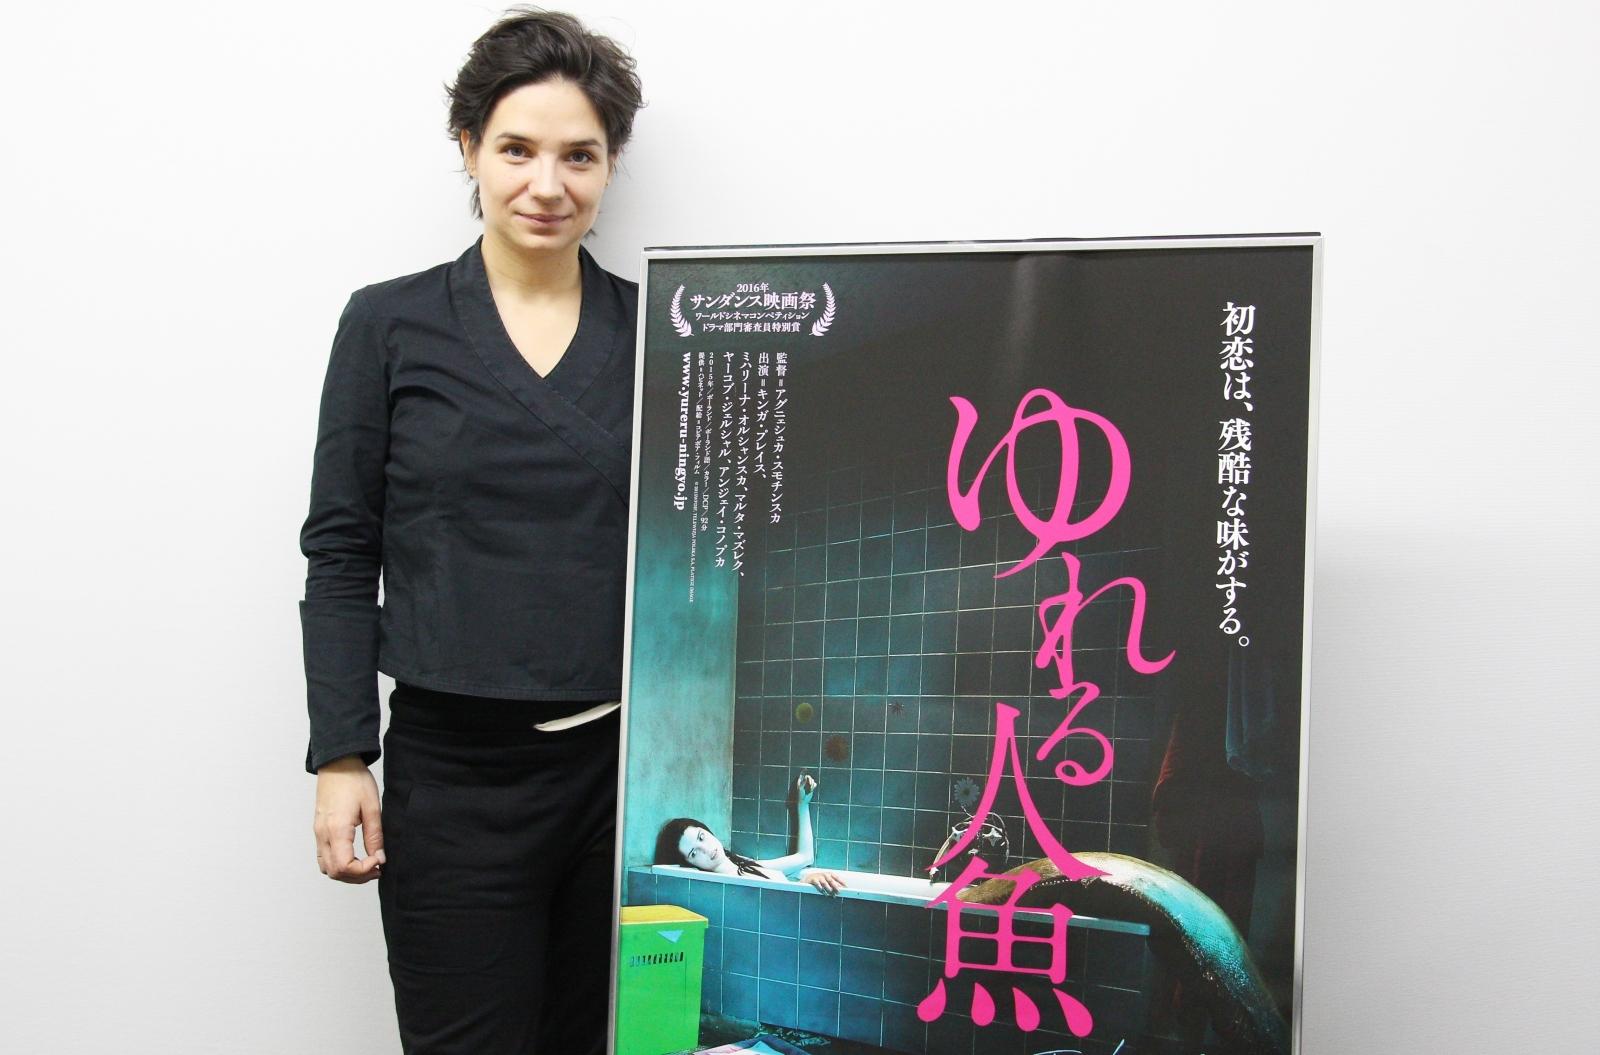 『ゆれる人魚』アグニェシュカ・スモチンスカ監督